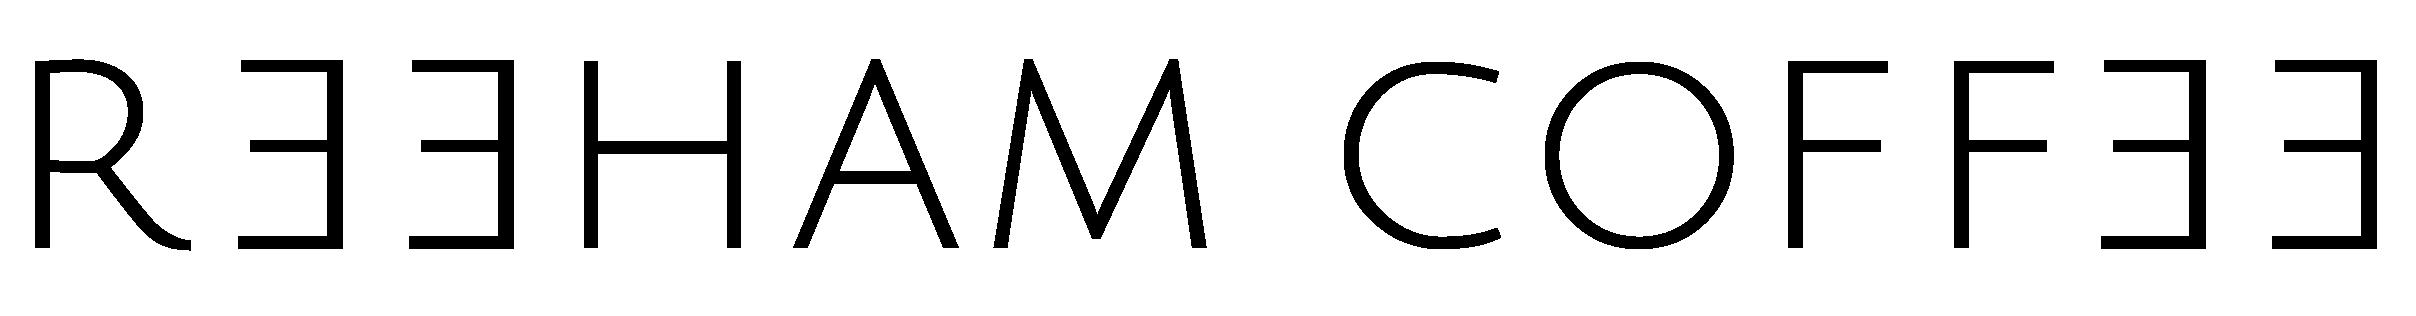 Logo Reeham Coffee